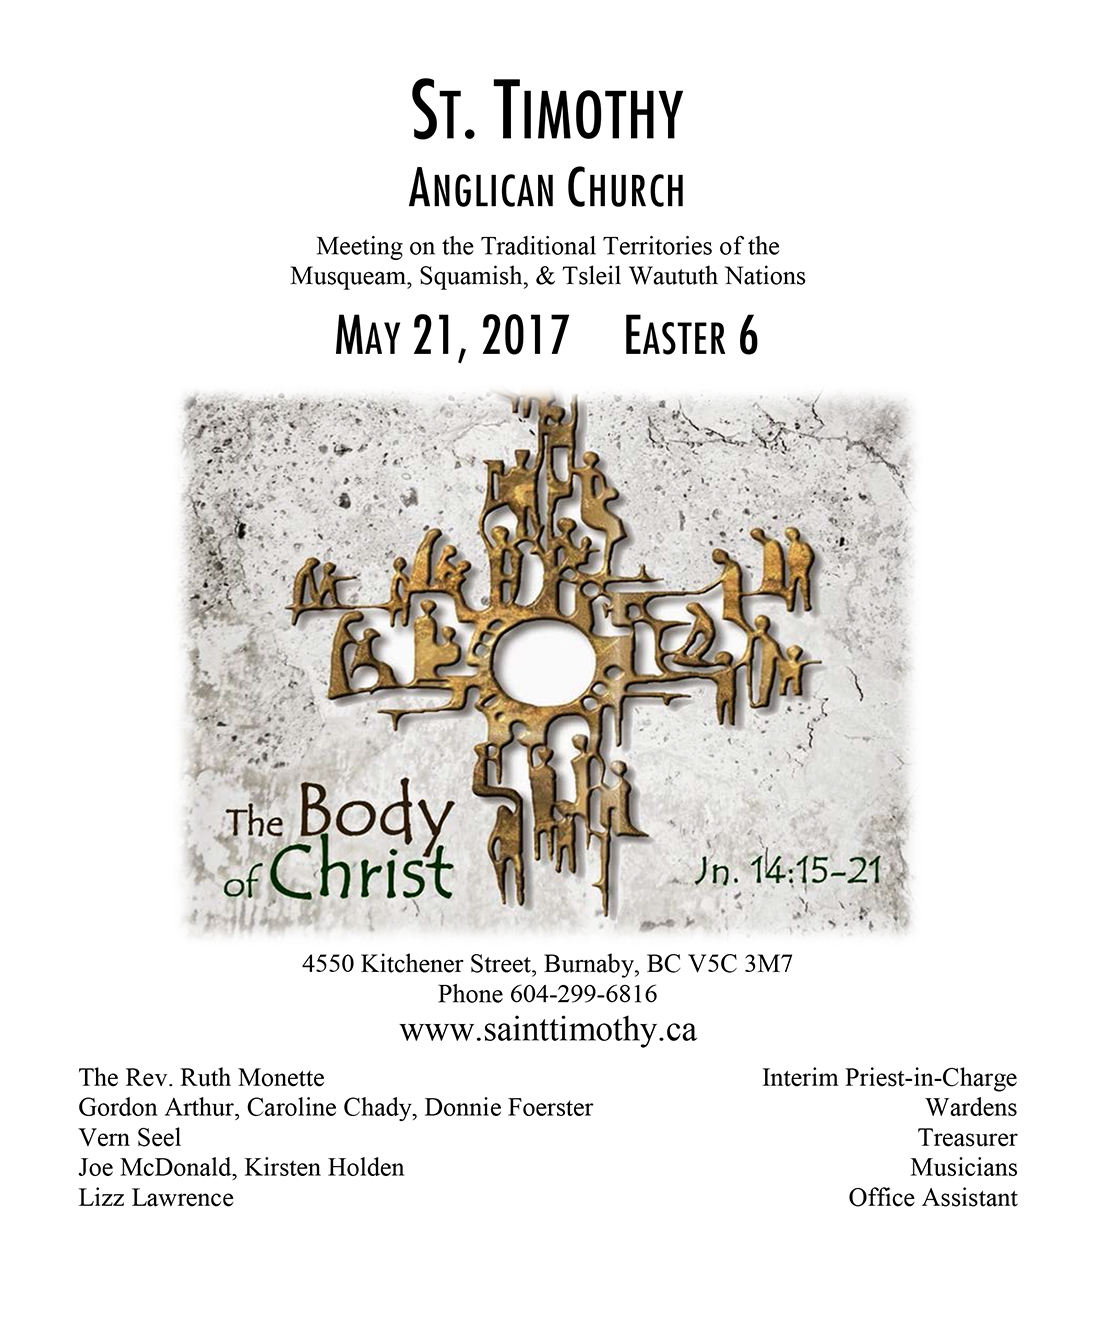 Bulletin: May 21, 2017